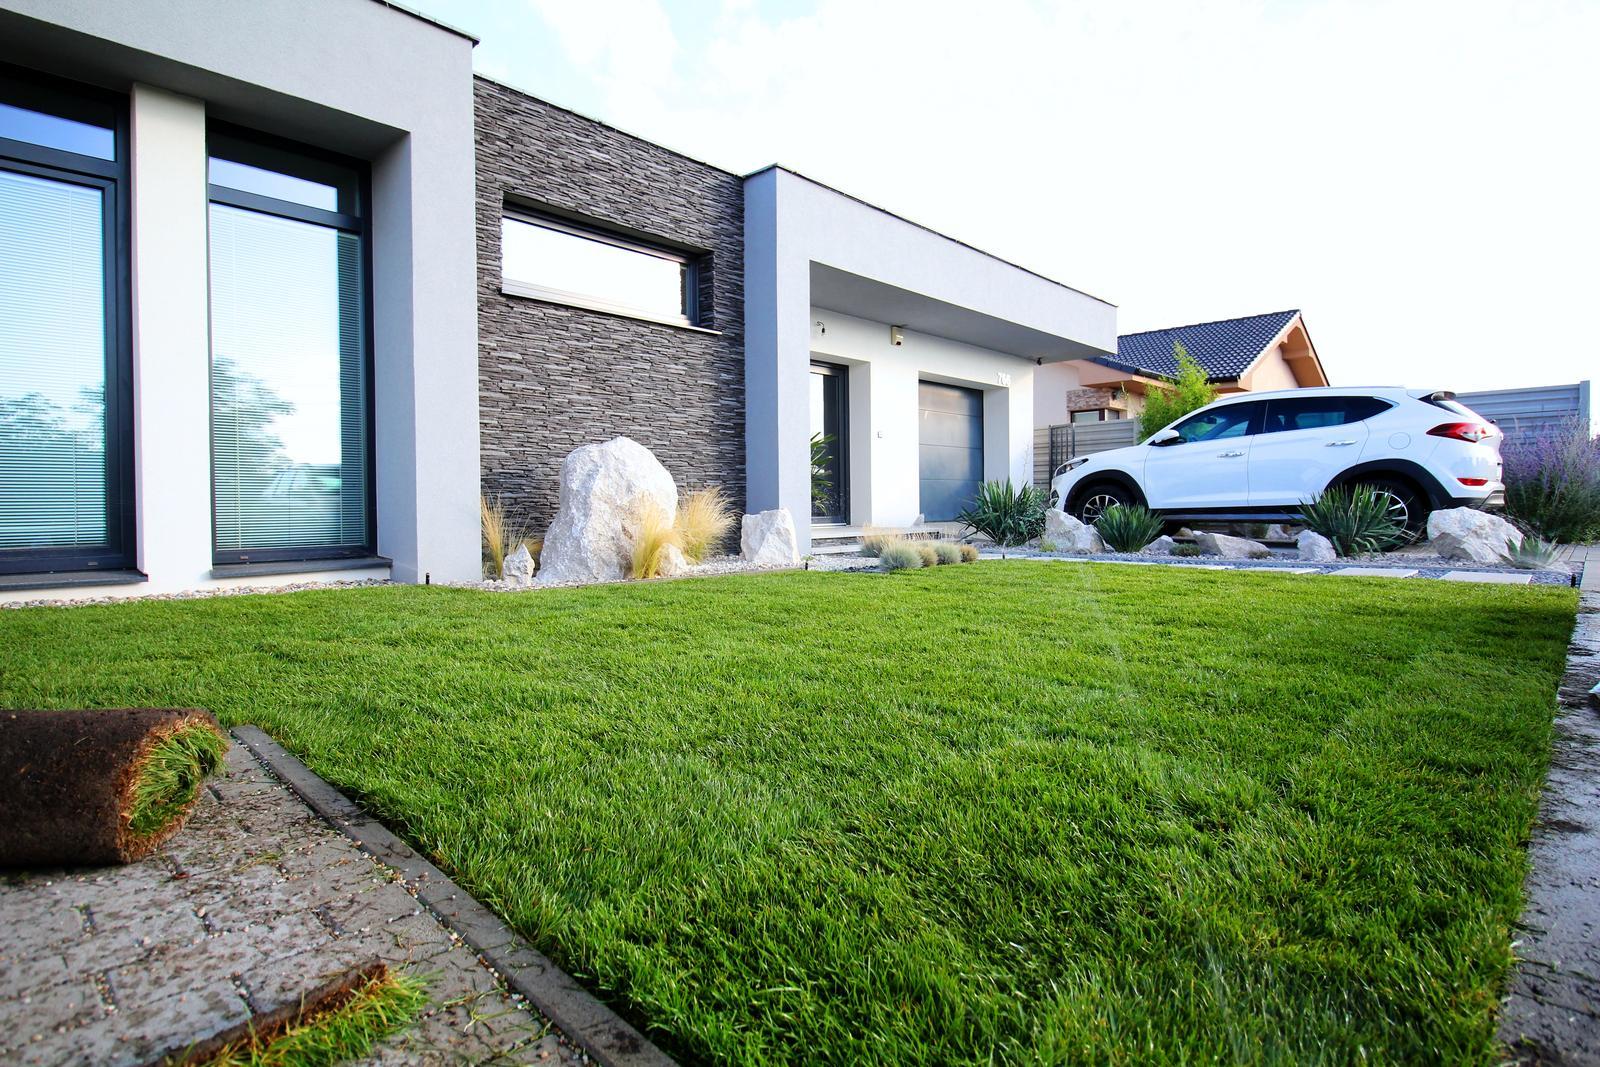 Modern Garden Linear324 - naša prímorská - rano pri vychadzajucom slnku :) , uz len pockat nech sa zrastie